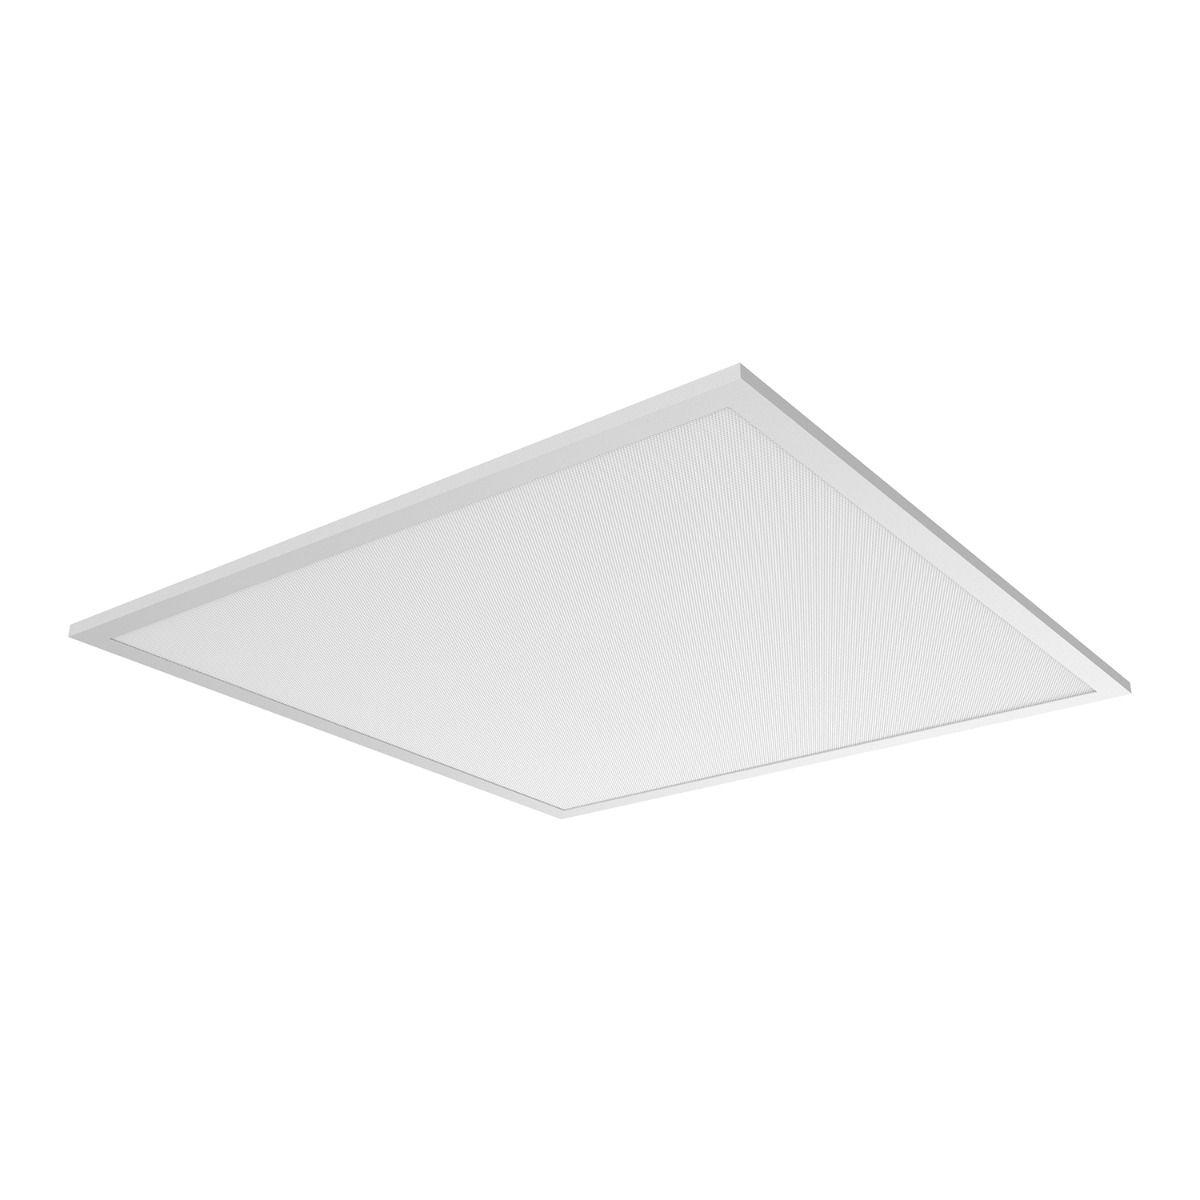 Noxion LED Paneeli Delta Pro V3 DALI 30W 3000K 3960lm 60x60cm UGR <19 | Lämmin Valkoinen - Korvaa 4x18W